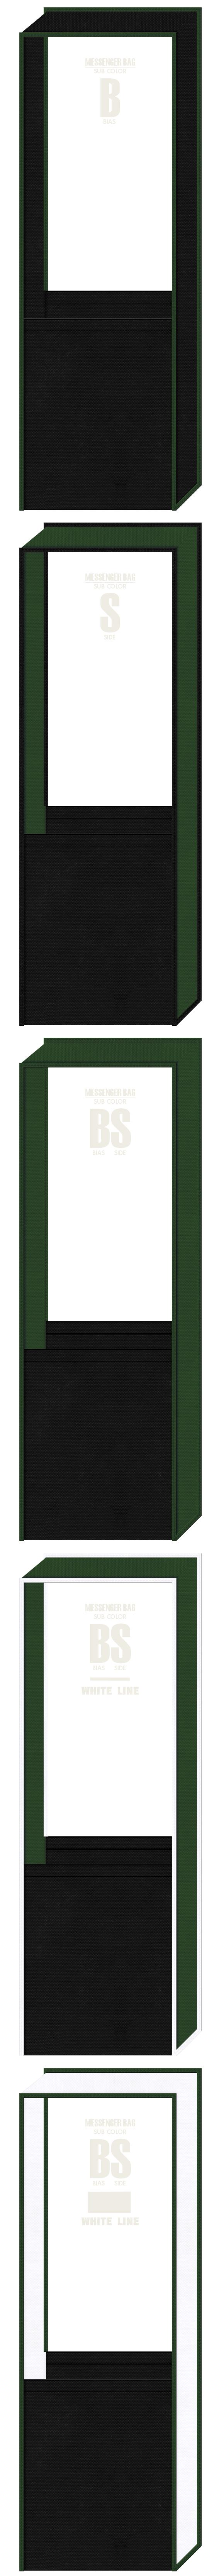 不織布メッセンジャーバッグのカラーシミュレーション(黒色・色・白色):ビンテージ・アンティーク・クラシック・レトロなイメージにお奨めです。